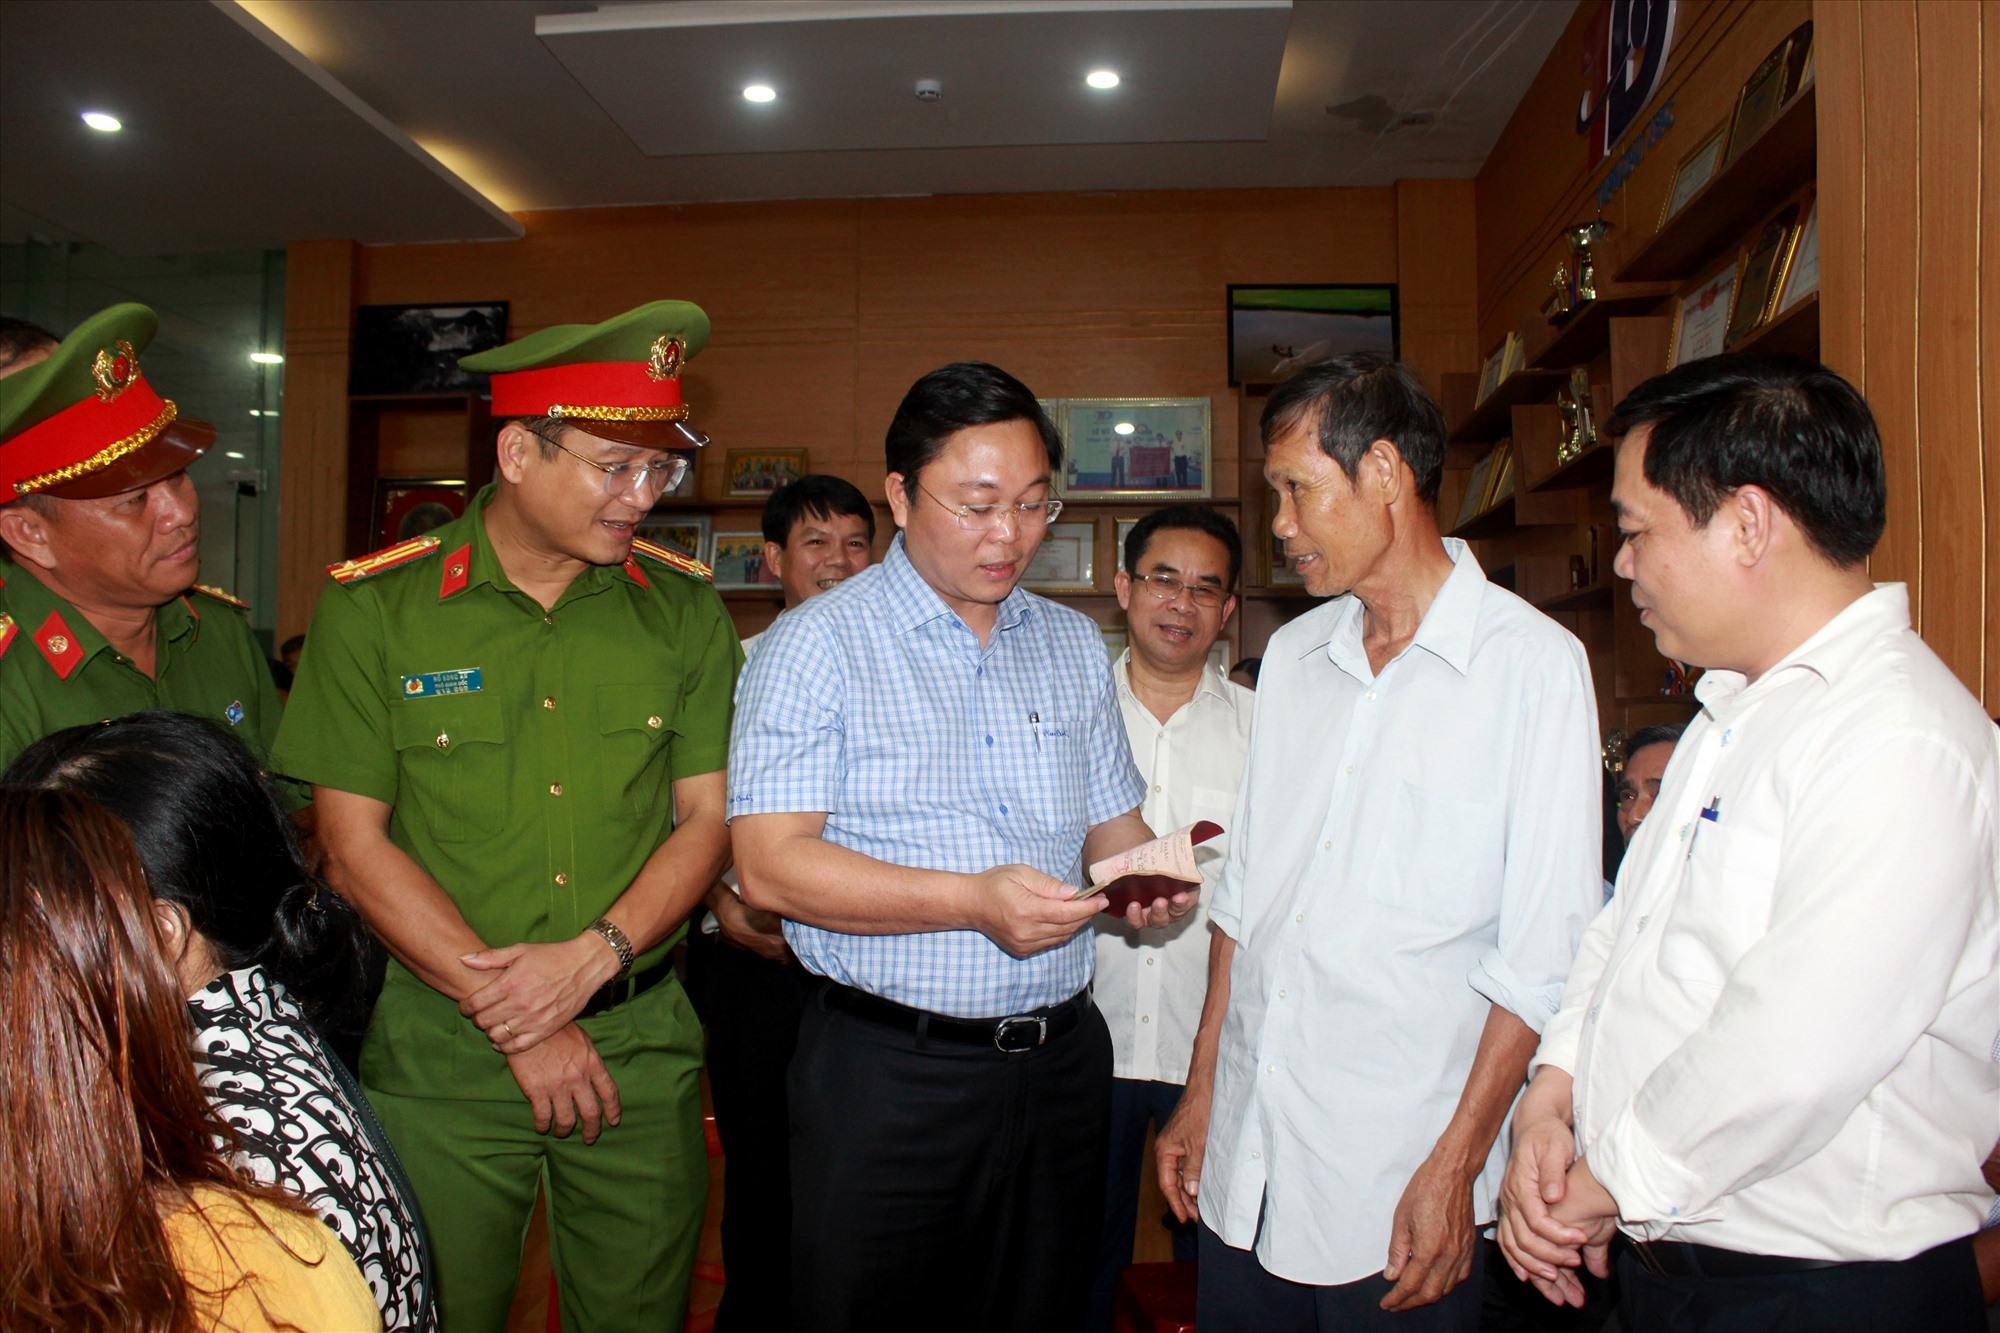 Chủ tịch UBND tỉnh Lê Trí Thanh nói chuyện với công dân đến làm thủ tục cấp căn cước công dân. Ảnh: T.C